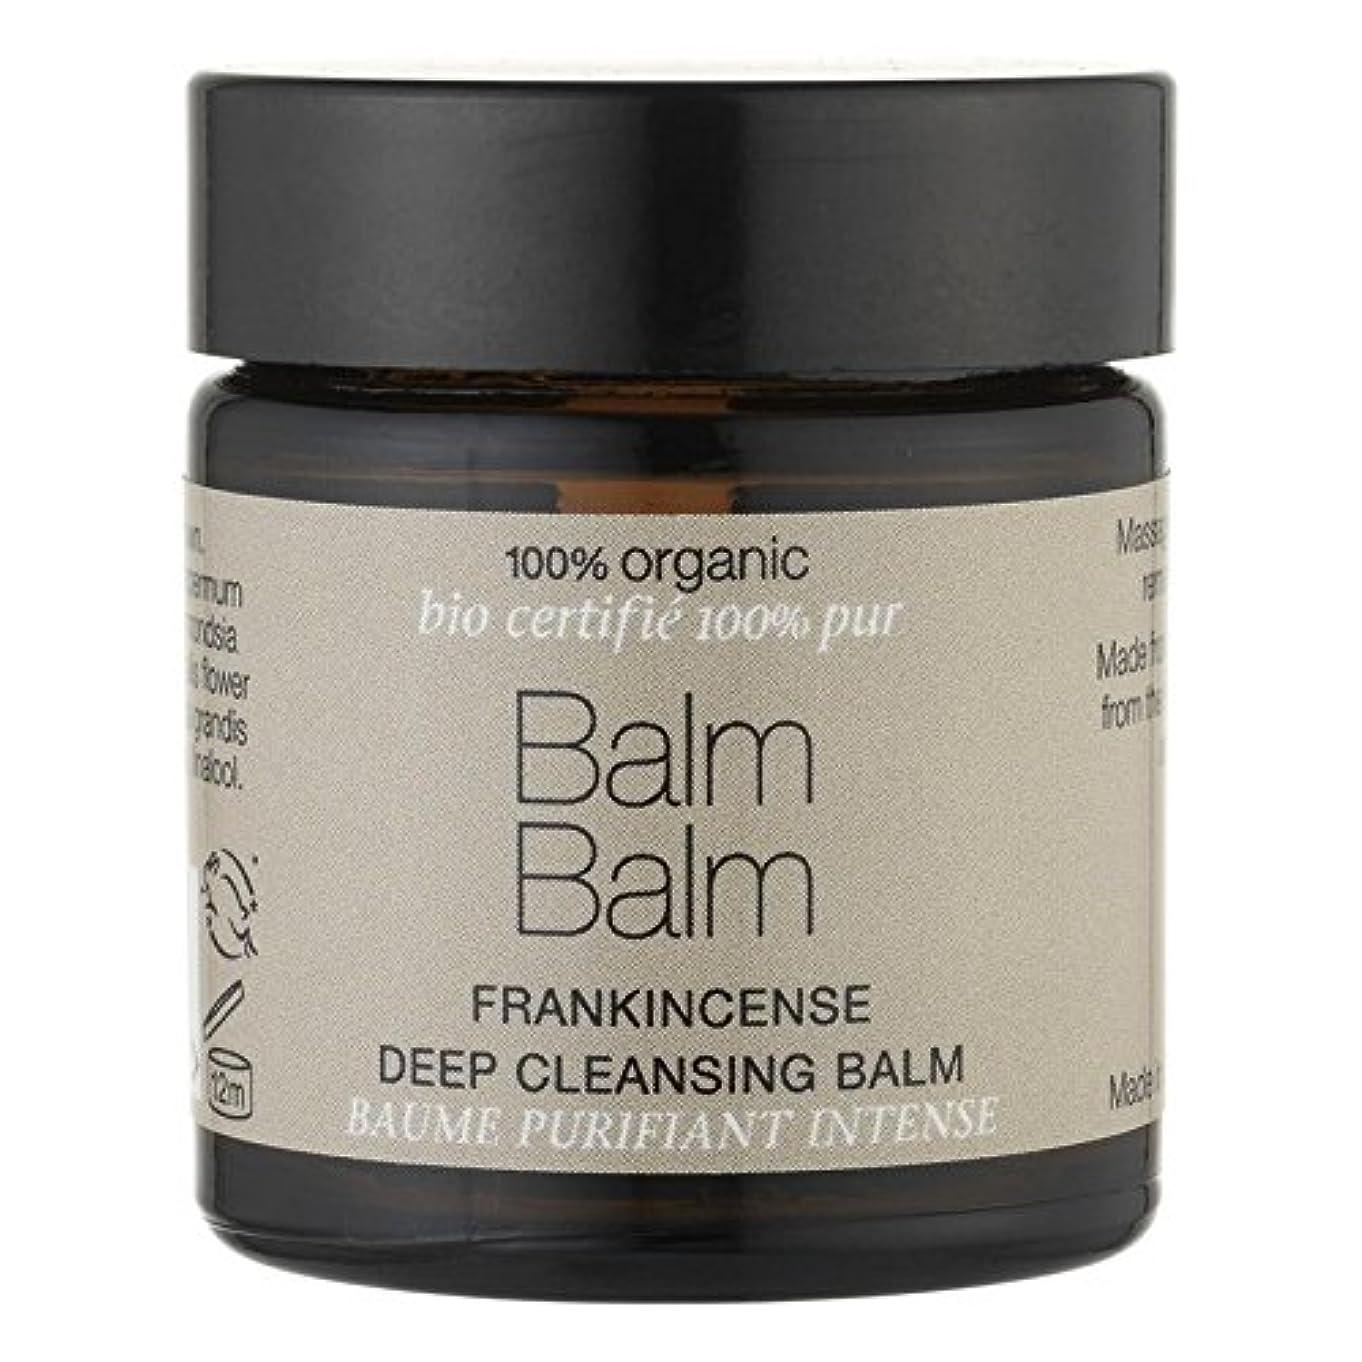 アストロラーベむちゃくちゃキュービックバームバーム乳香有機ディープクレンジングクリーム60ミリリットル x2 - Balm Balm Frankincense Organic Deep Cleansing Balm 60ml (Pack of 2) [並行輸入品]